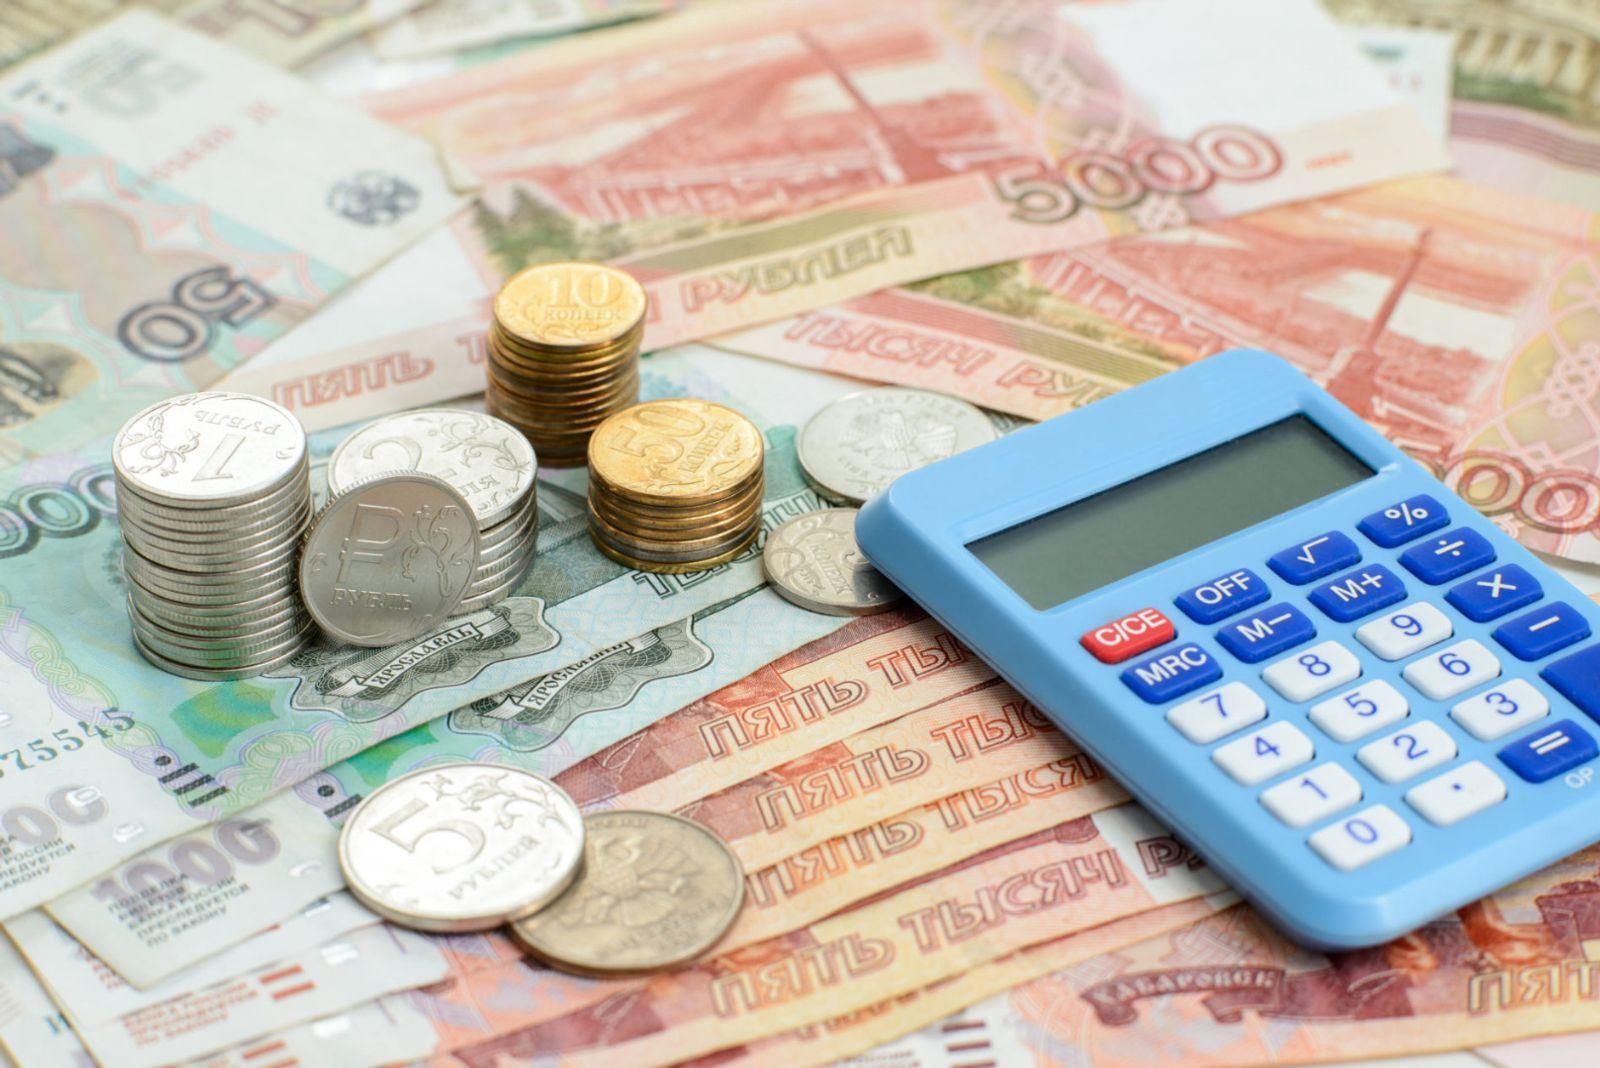 альфа банк москва официальный сайт вклады 2020 на сегодня для физ лиц